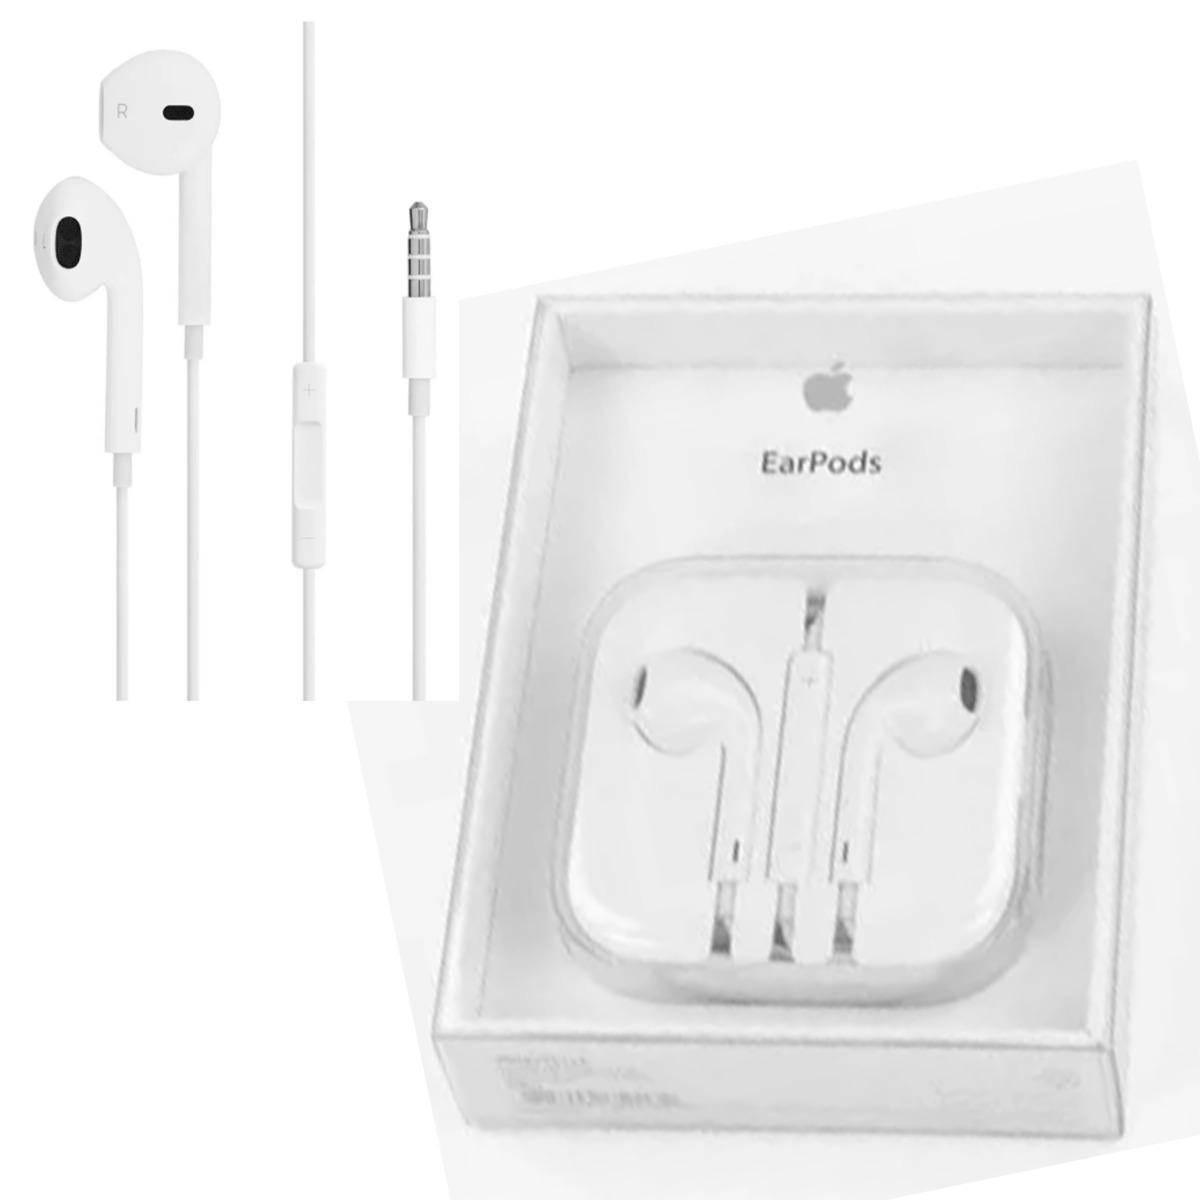 3a2787a1ee1 Earpods Audifonos Originales Apple iPhone Envio Gratis - $ 349.00 en ...